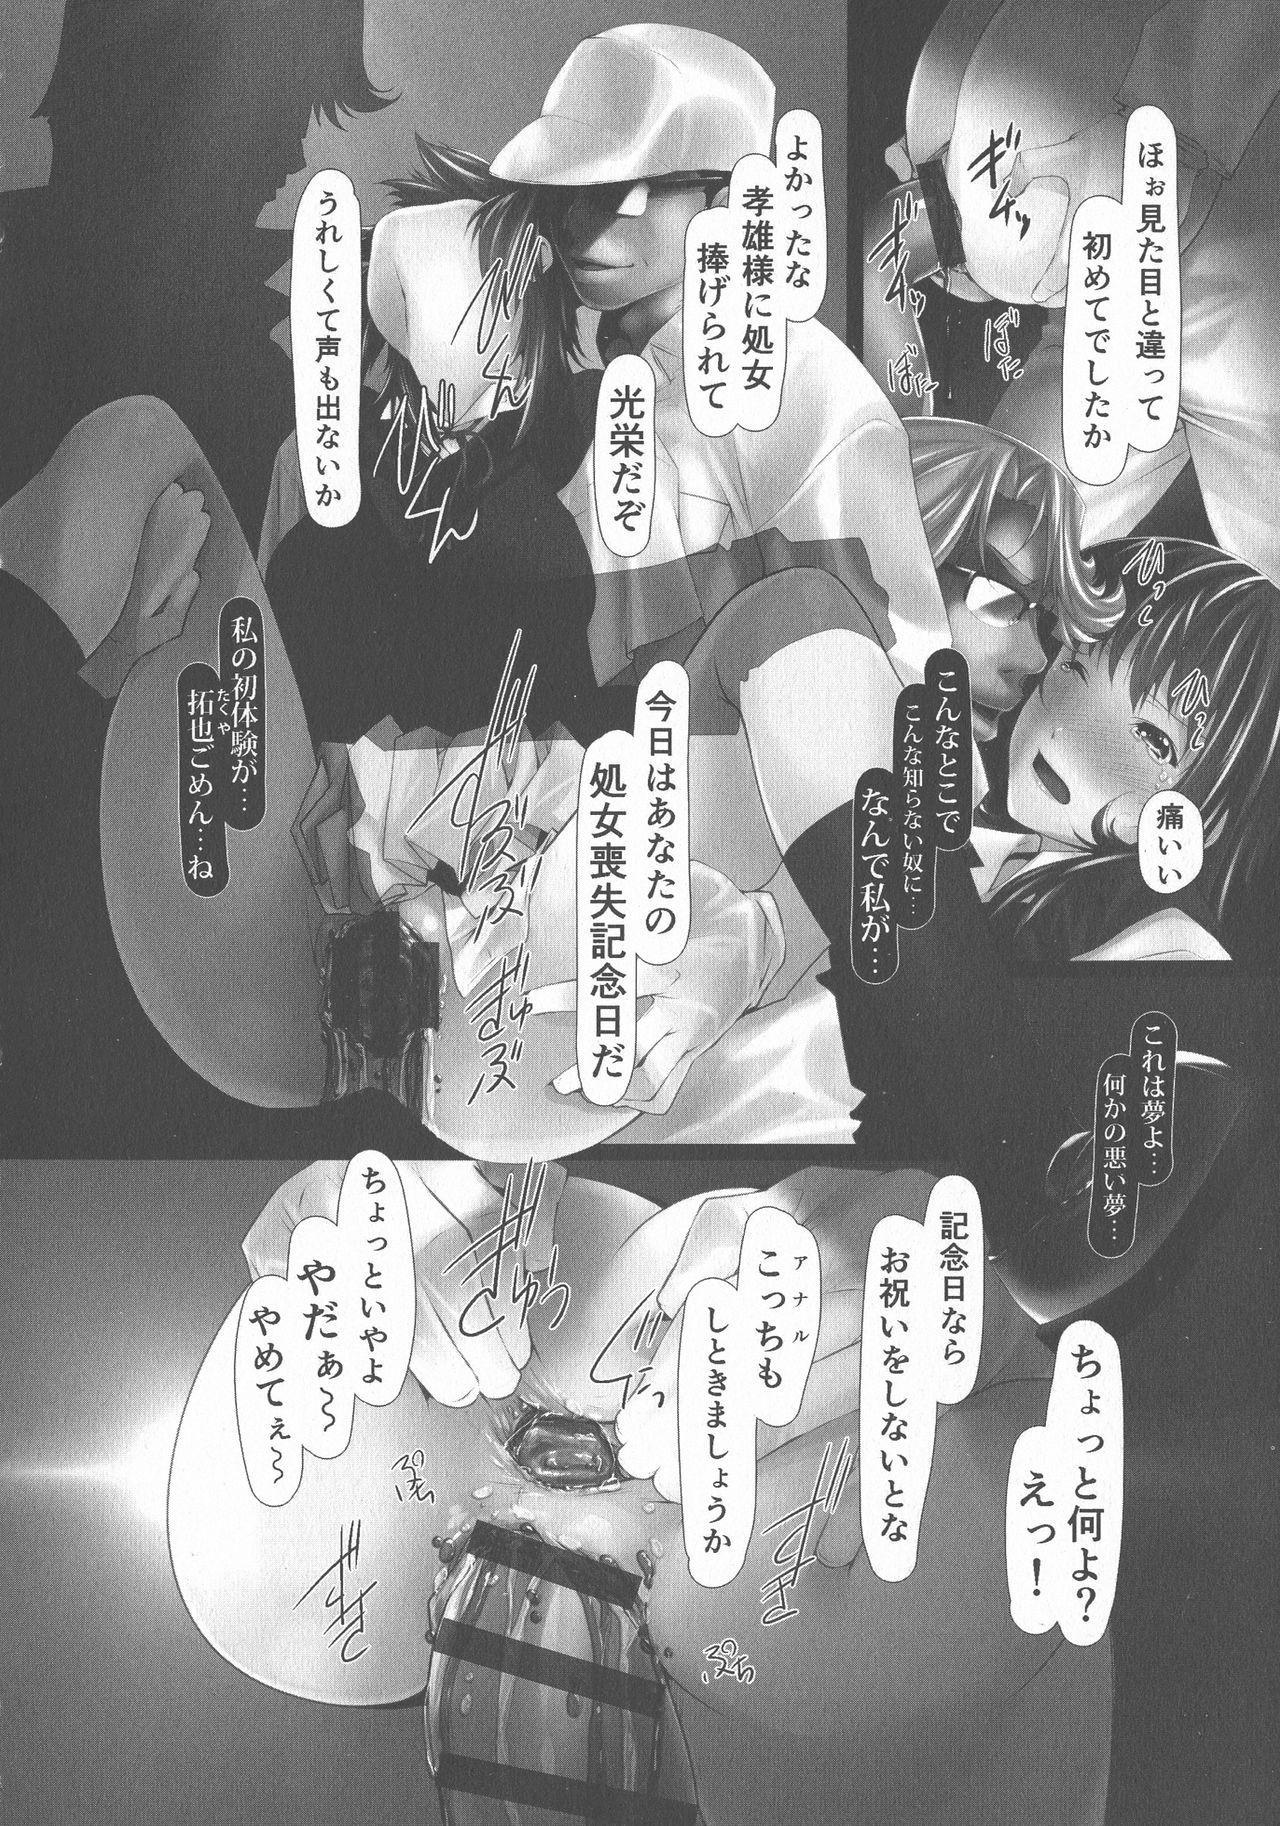 Jochiku no Utage 13